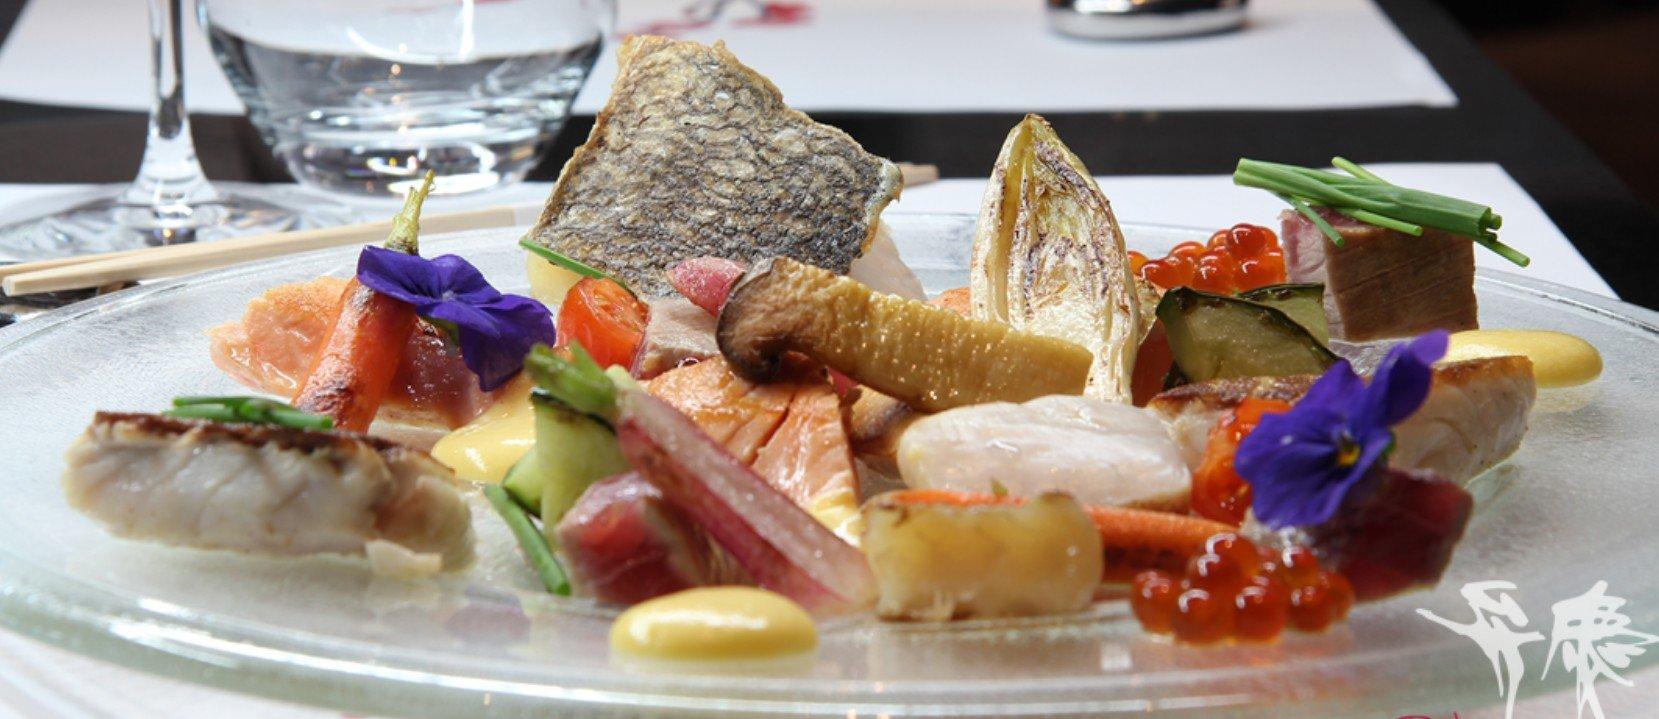 Restaurant Paris Benkay, Teppan Yaki